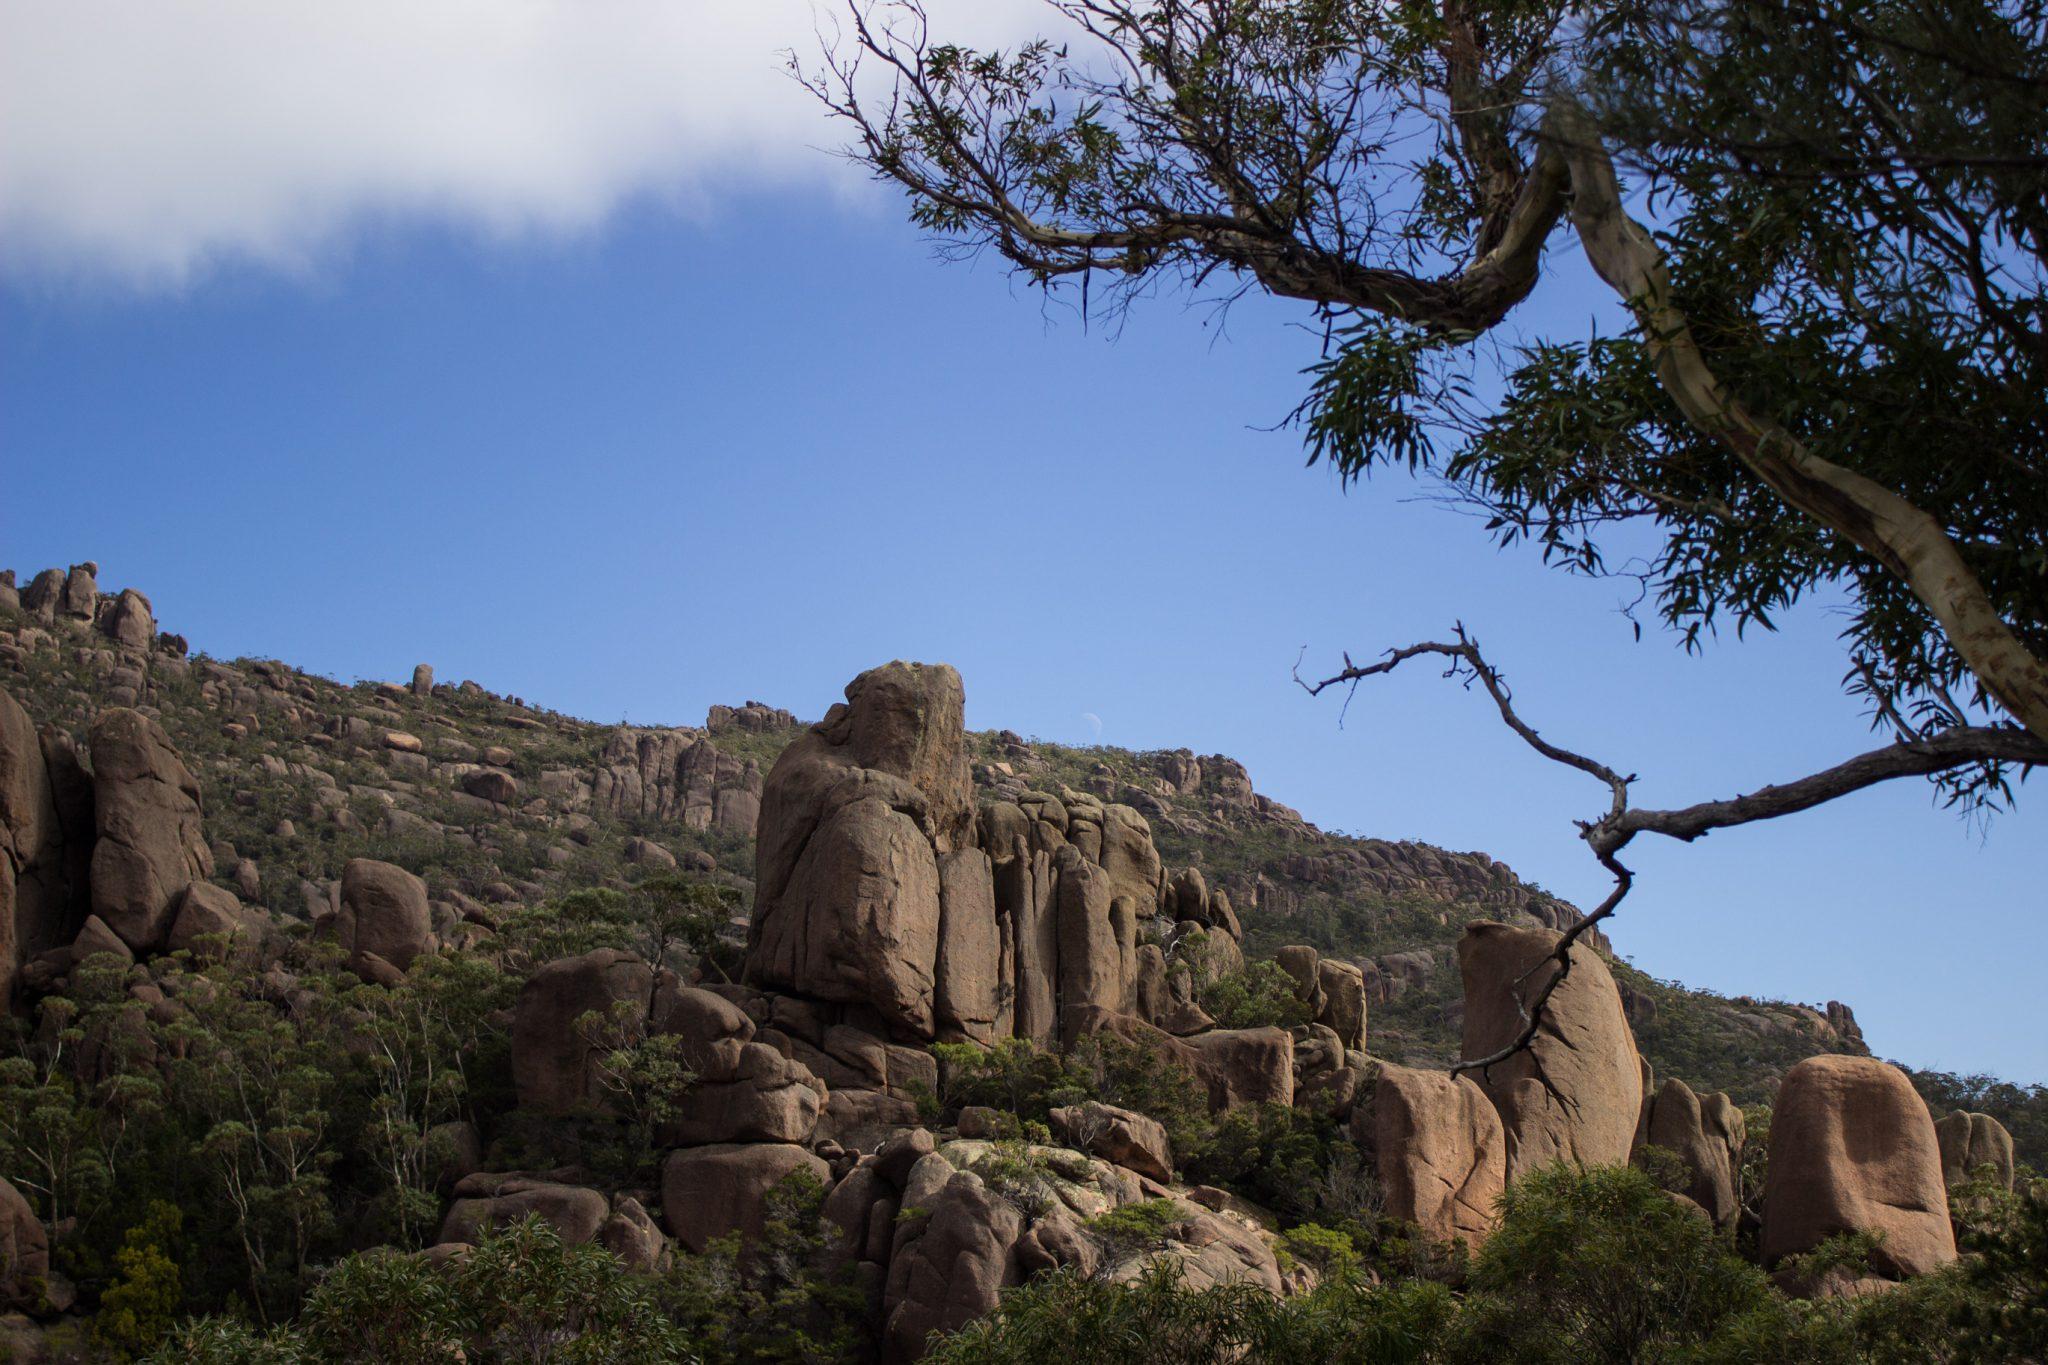 traumhafter Freycinet Nationalpark in Tasmanien, riesige Steine, Klumpen übereinander, Baum